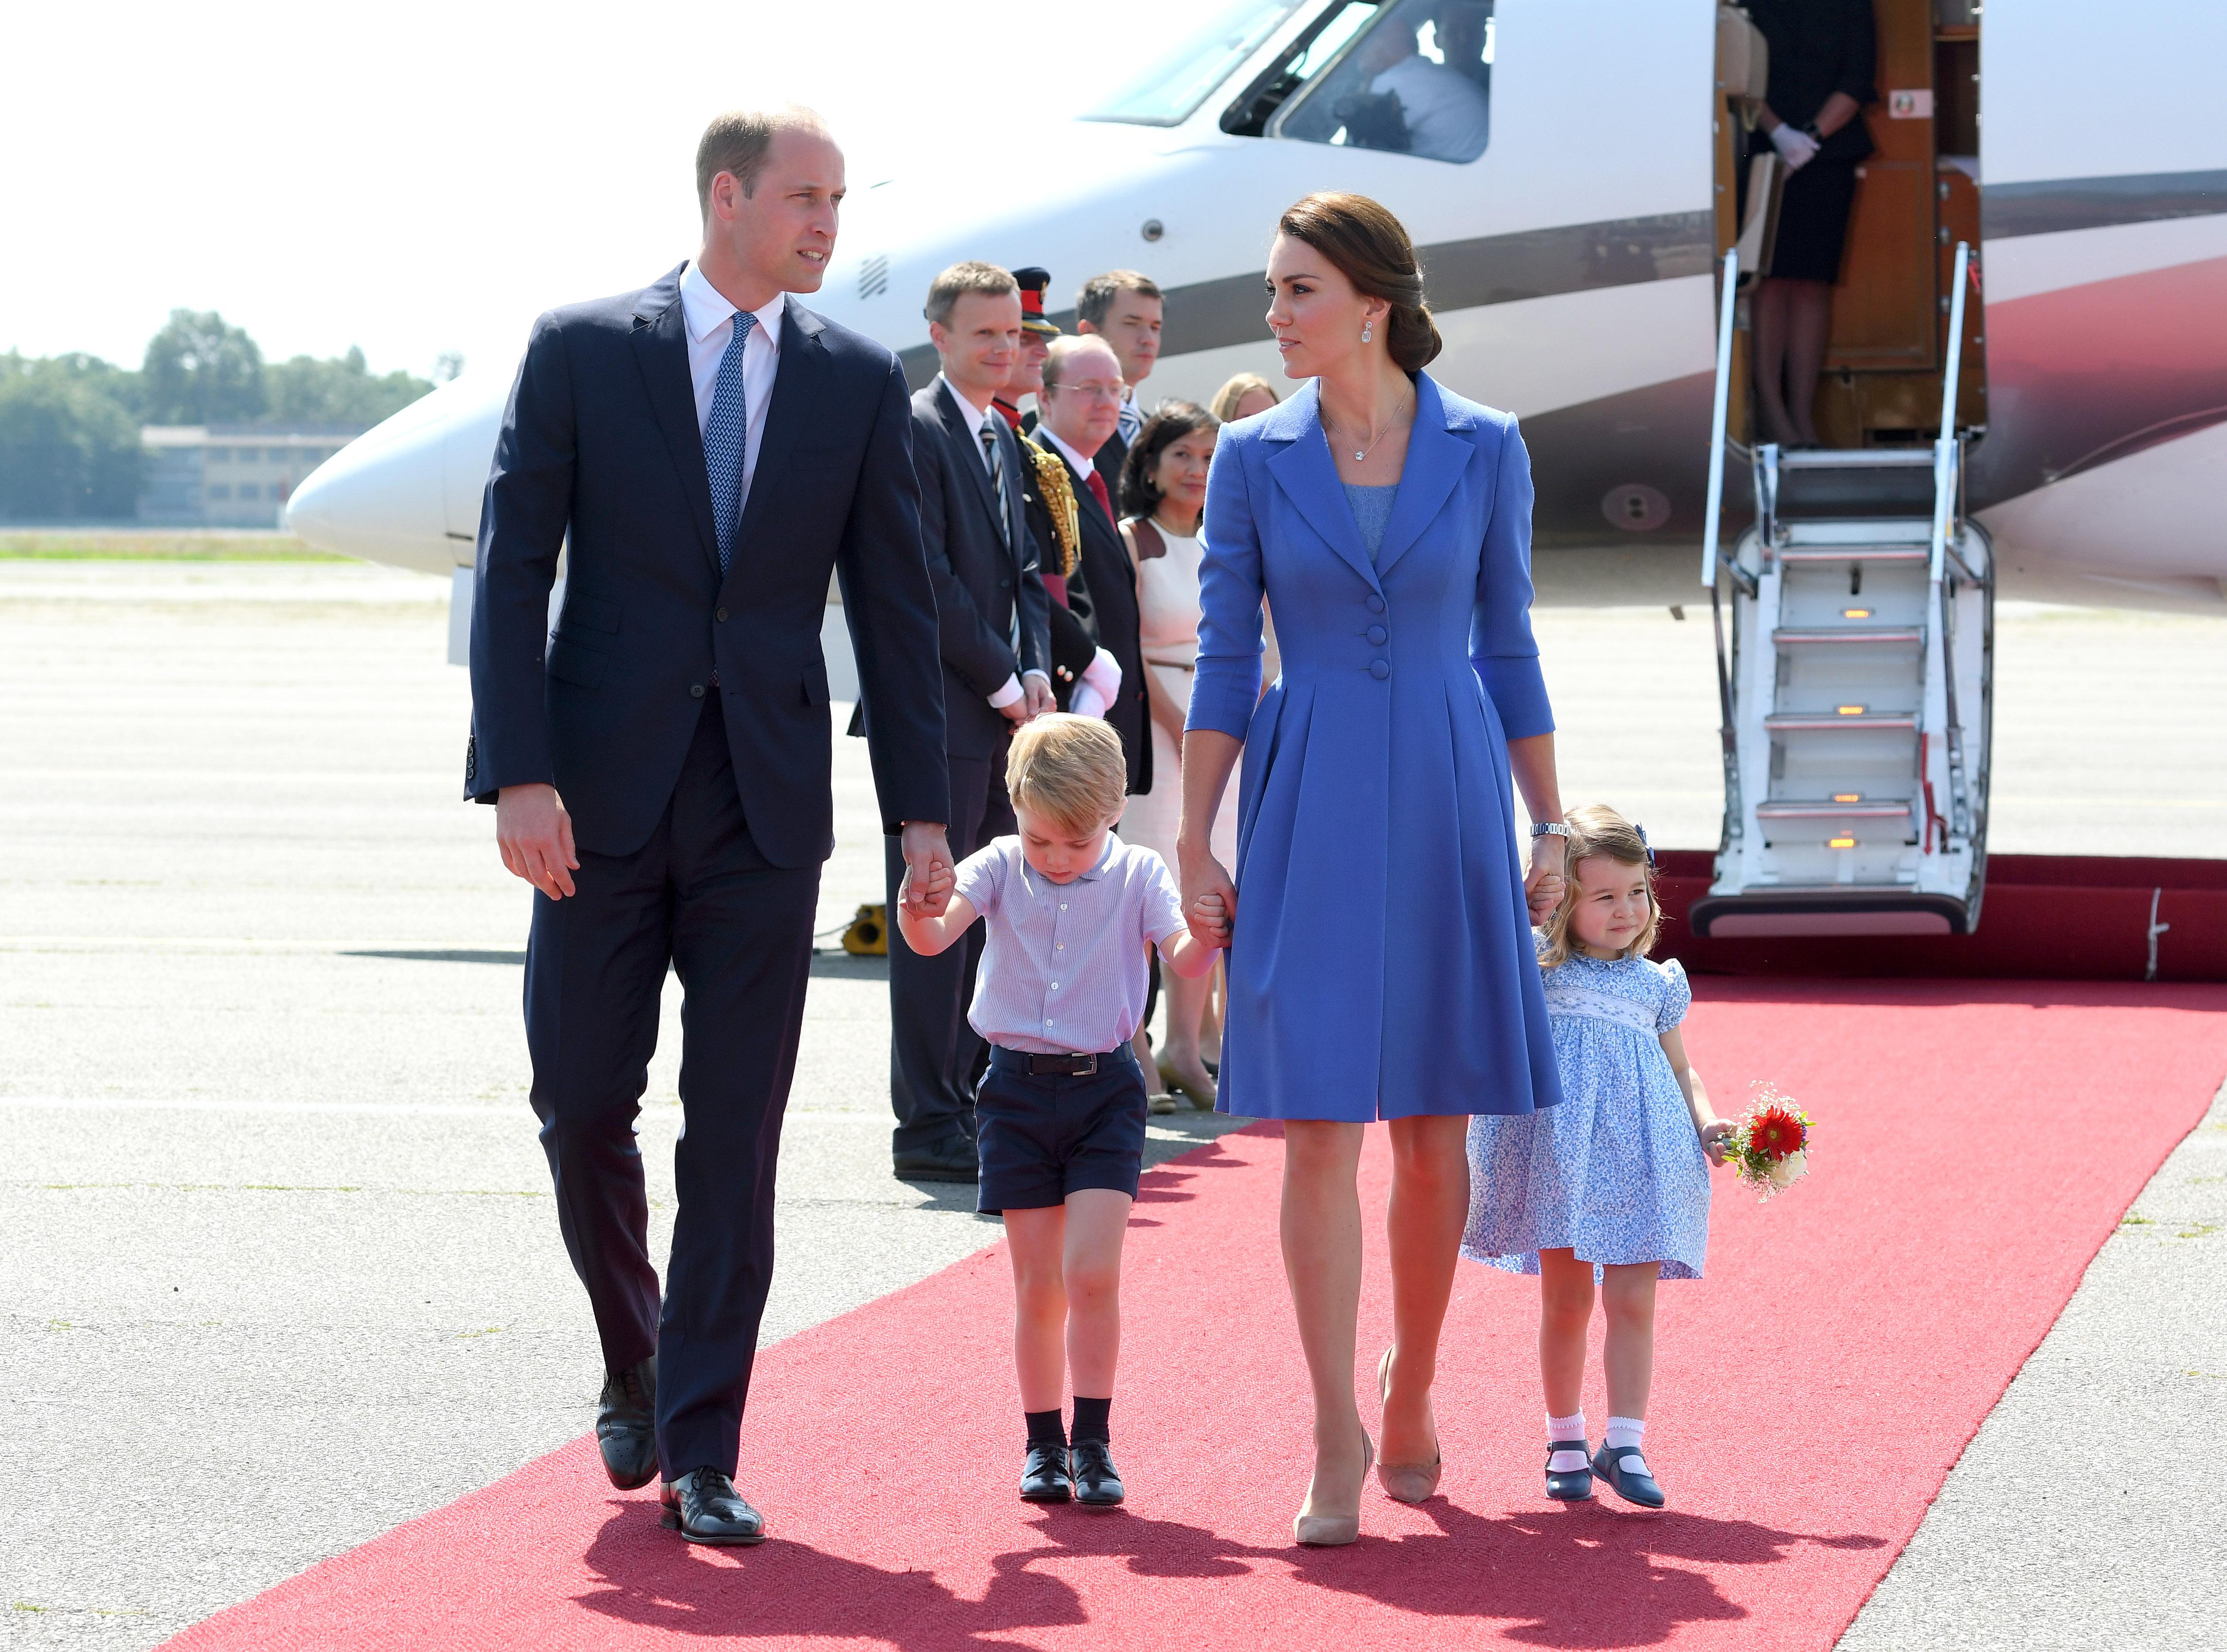 Príncipe William e duquesa Kate Middleton com os filhos